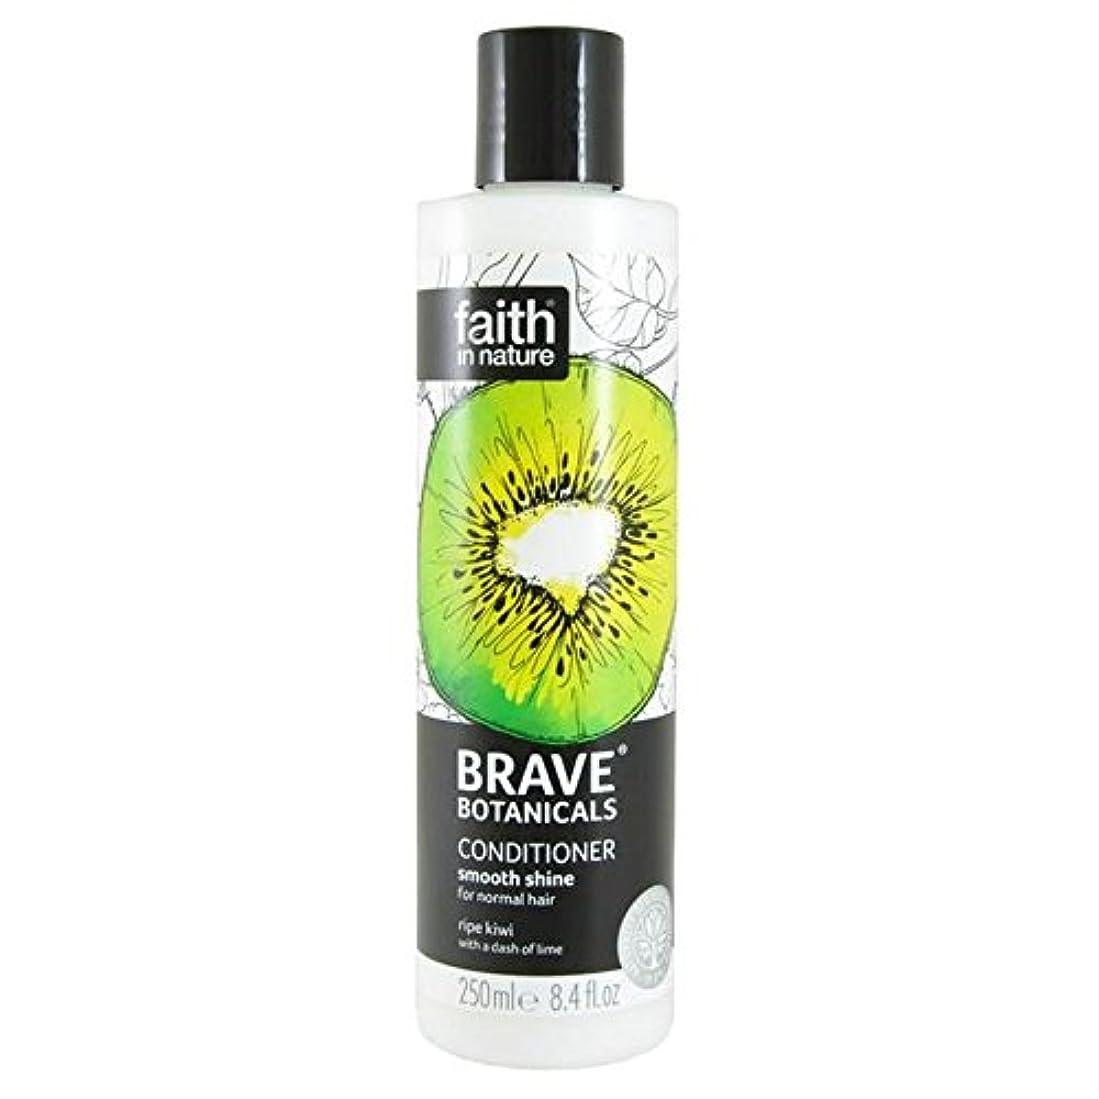 支給レベル黒くするBrave Botanicals Kiwi & Lime Smooth Shine Conditioner 250ml (Pack of 4) - (Faith In Nature) 勇敢な植物キウイ&ライムなめらかな輝...